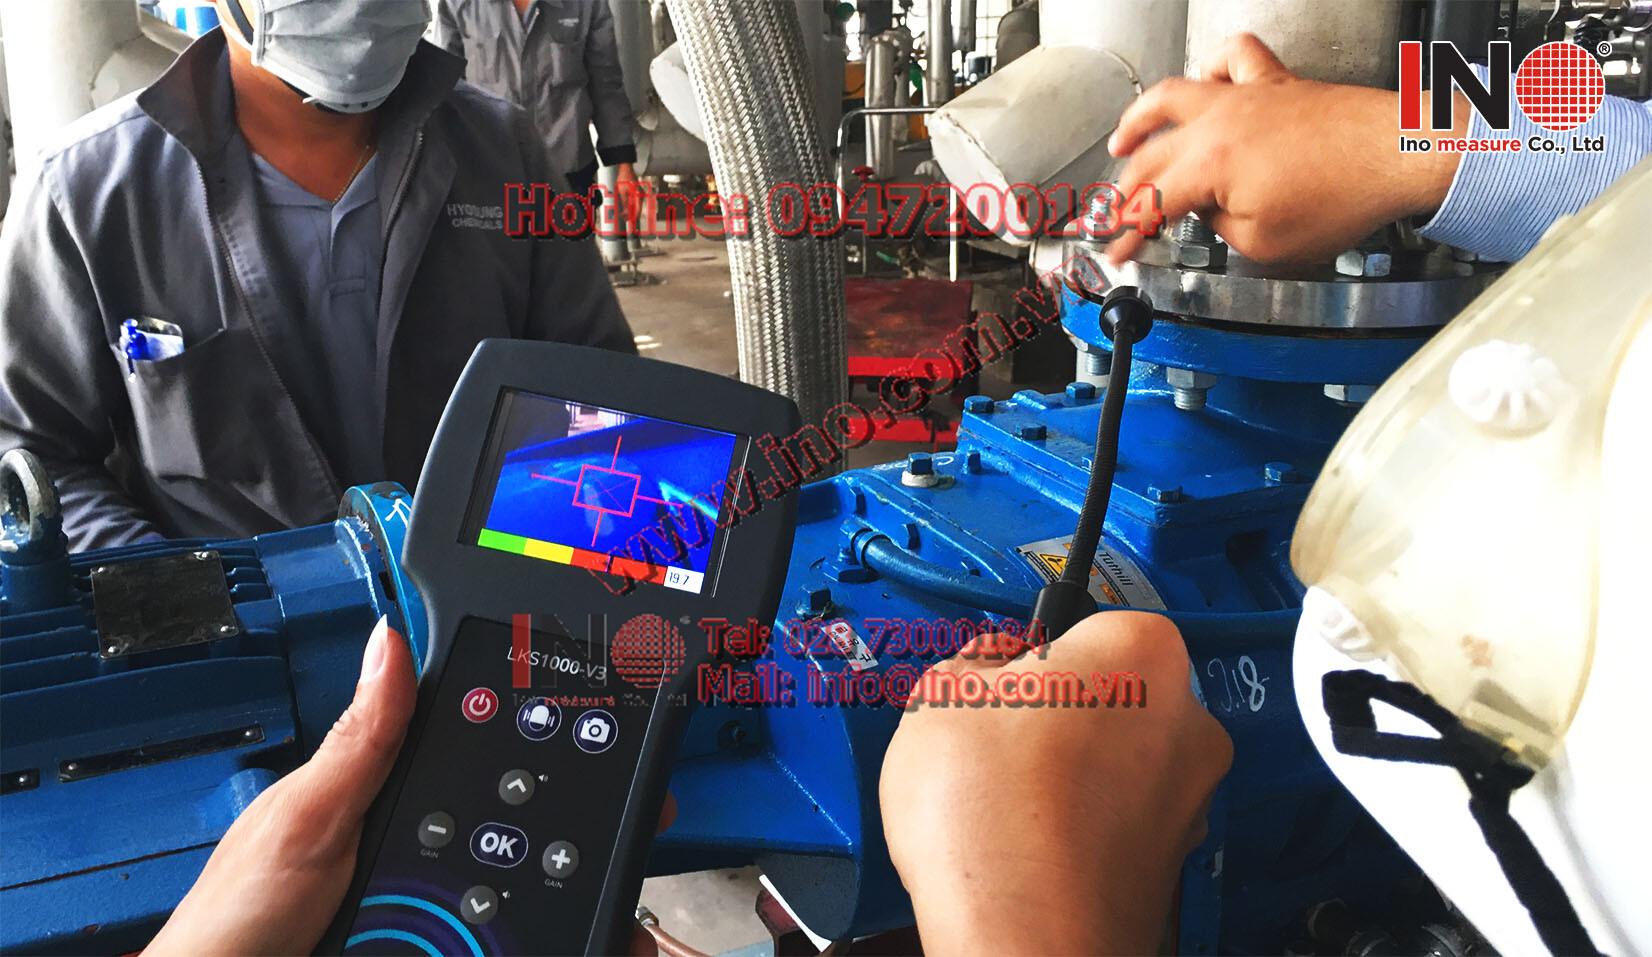 Phát hiện rò rỉ khí nén giúp nhà máy thiết kiệm được hàng trăm tỷ tiền điện mỗi năm. Tuy nhiên với các dụng cụ phát hiện sóng siêu âm...